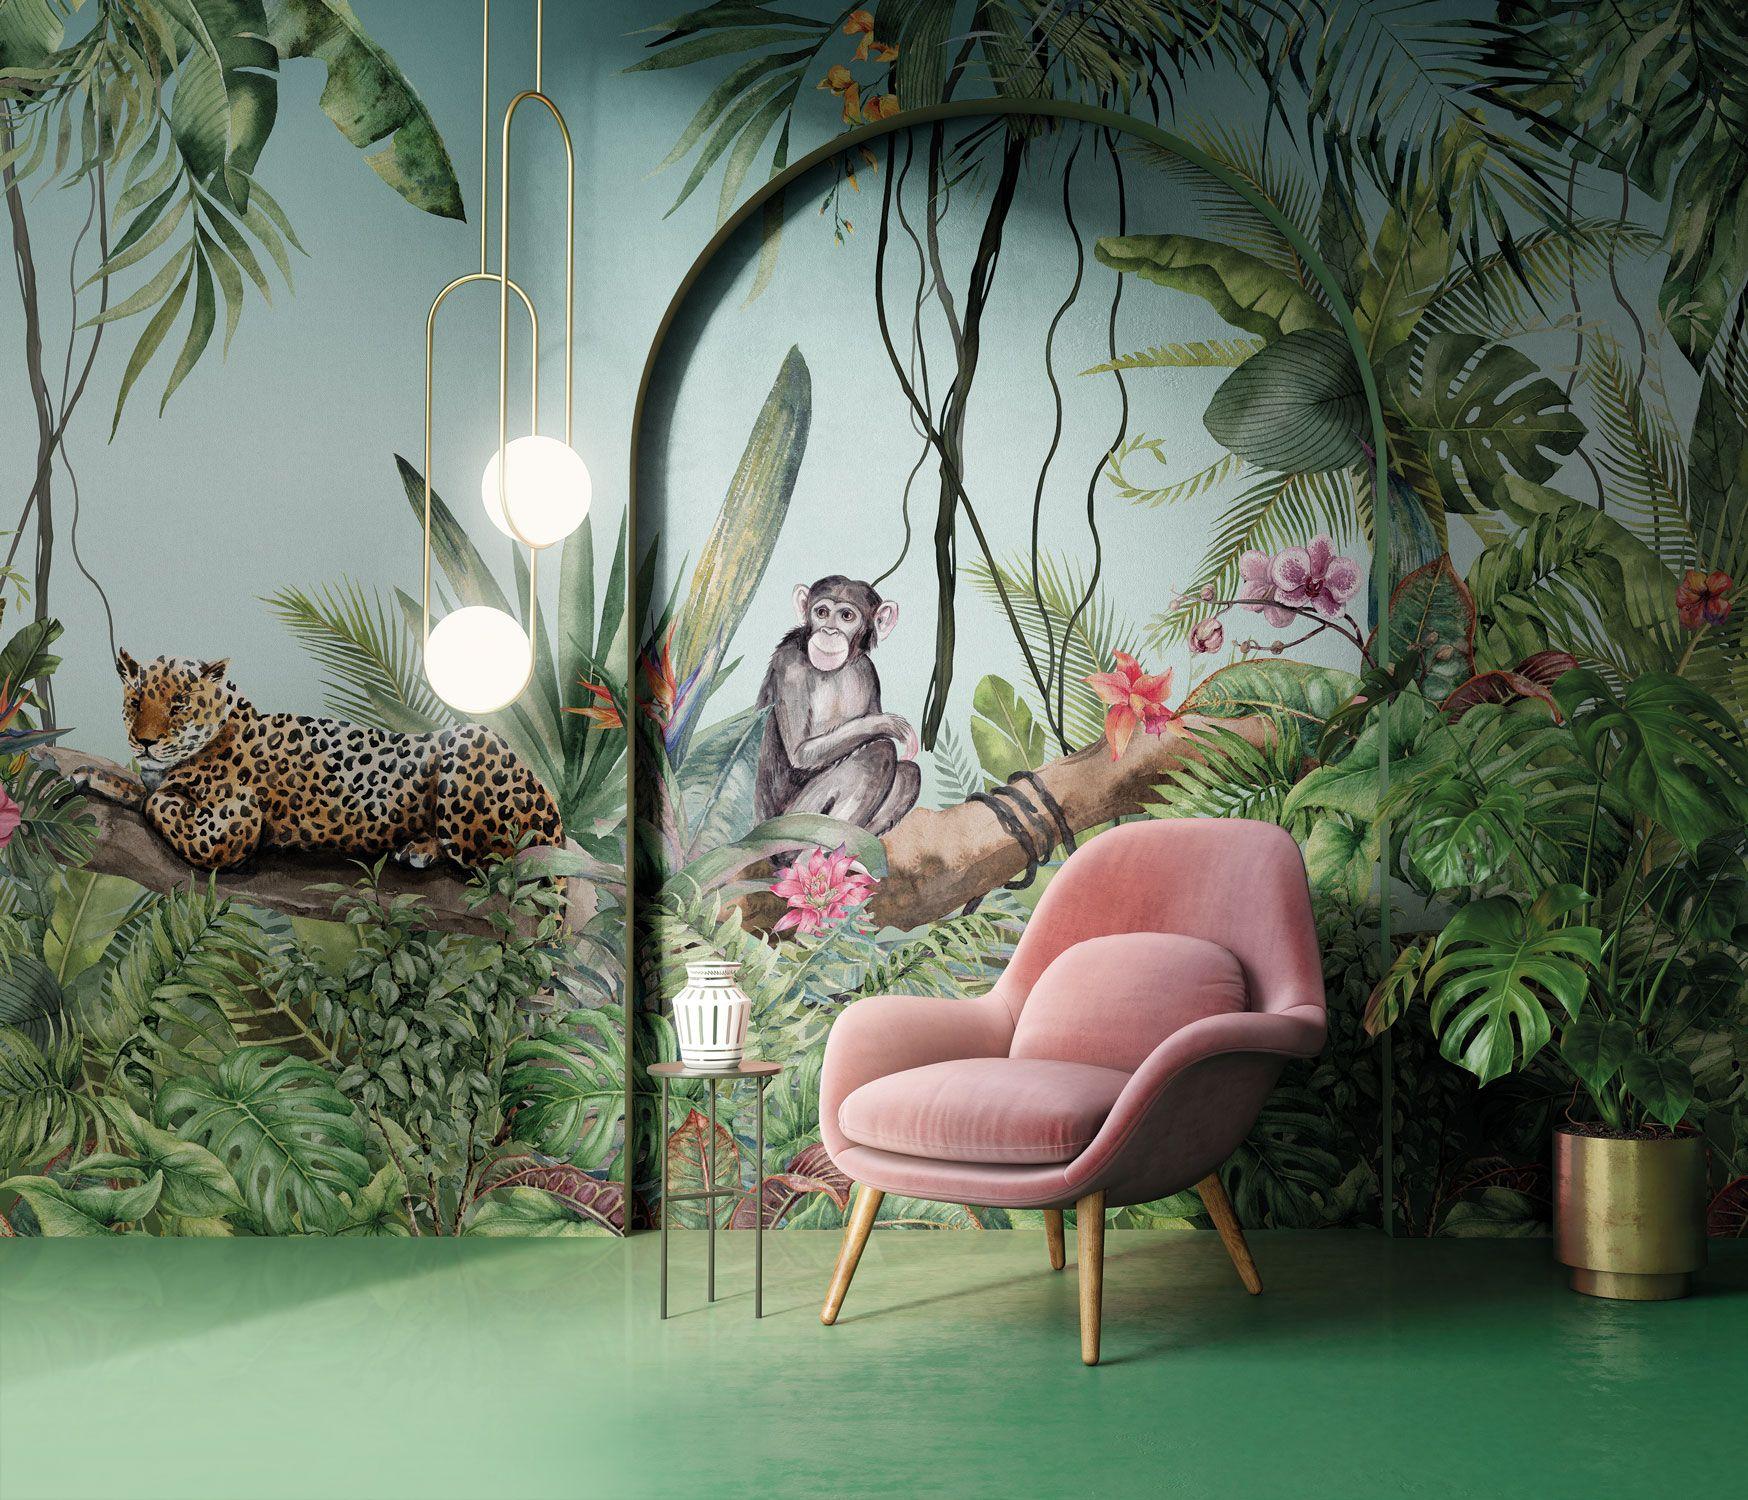 Dai un'occhiata ai nostri mobili e oggetti. Jungle Style Wallpaper By Inkiostro Bianco